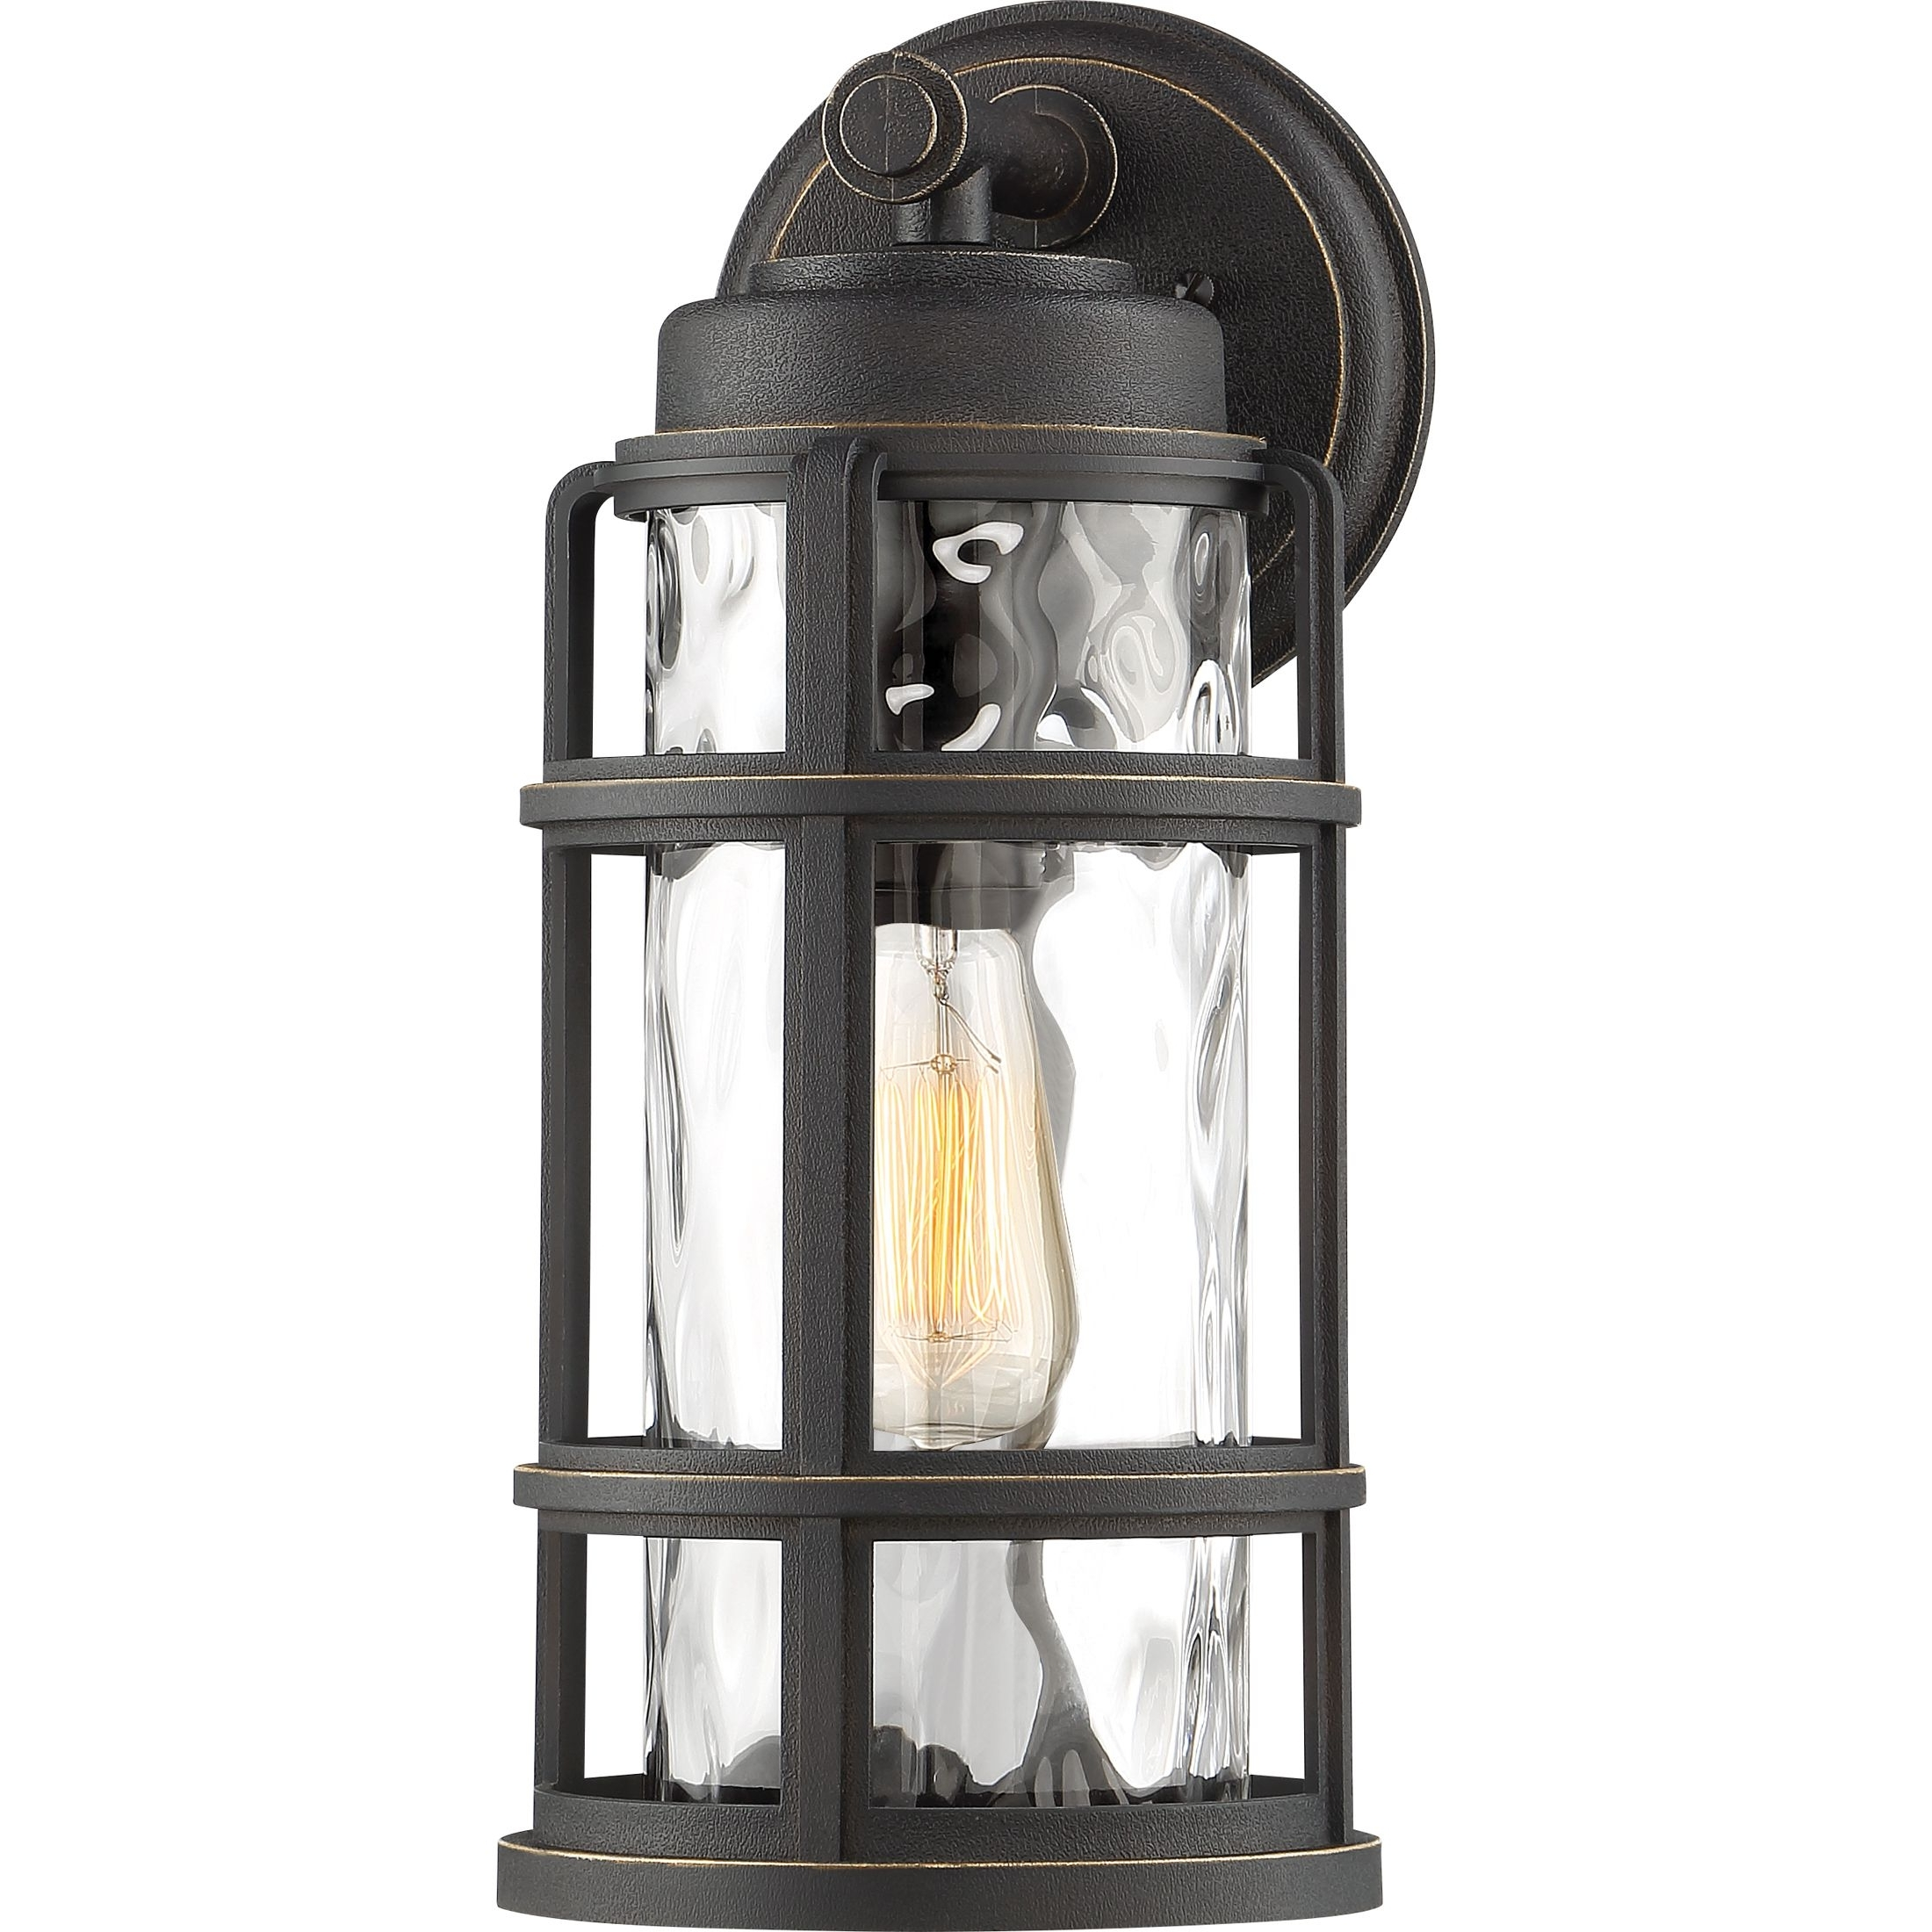 Desoto Outdoor Lantern (Gallery 11 of 20)